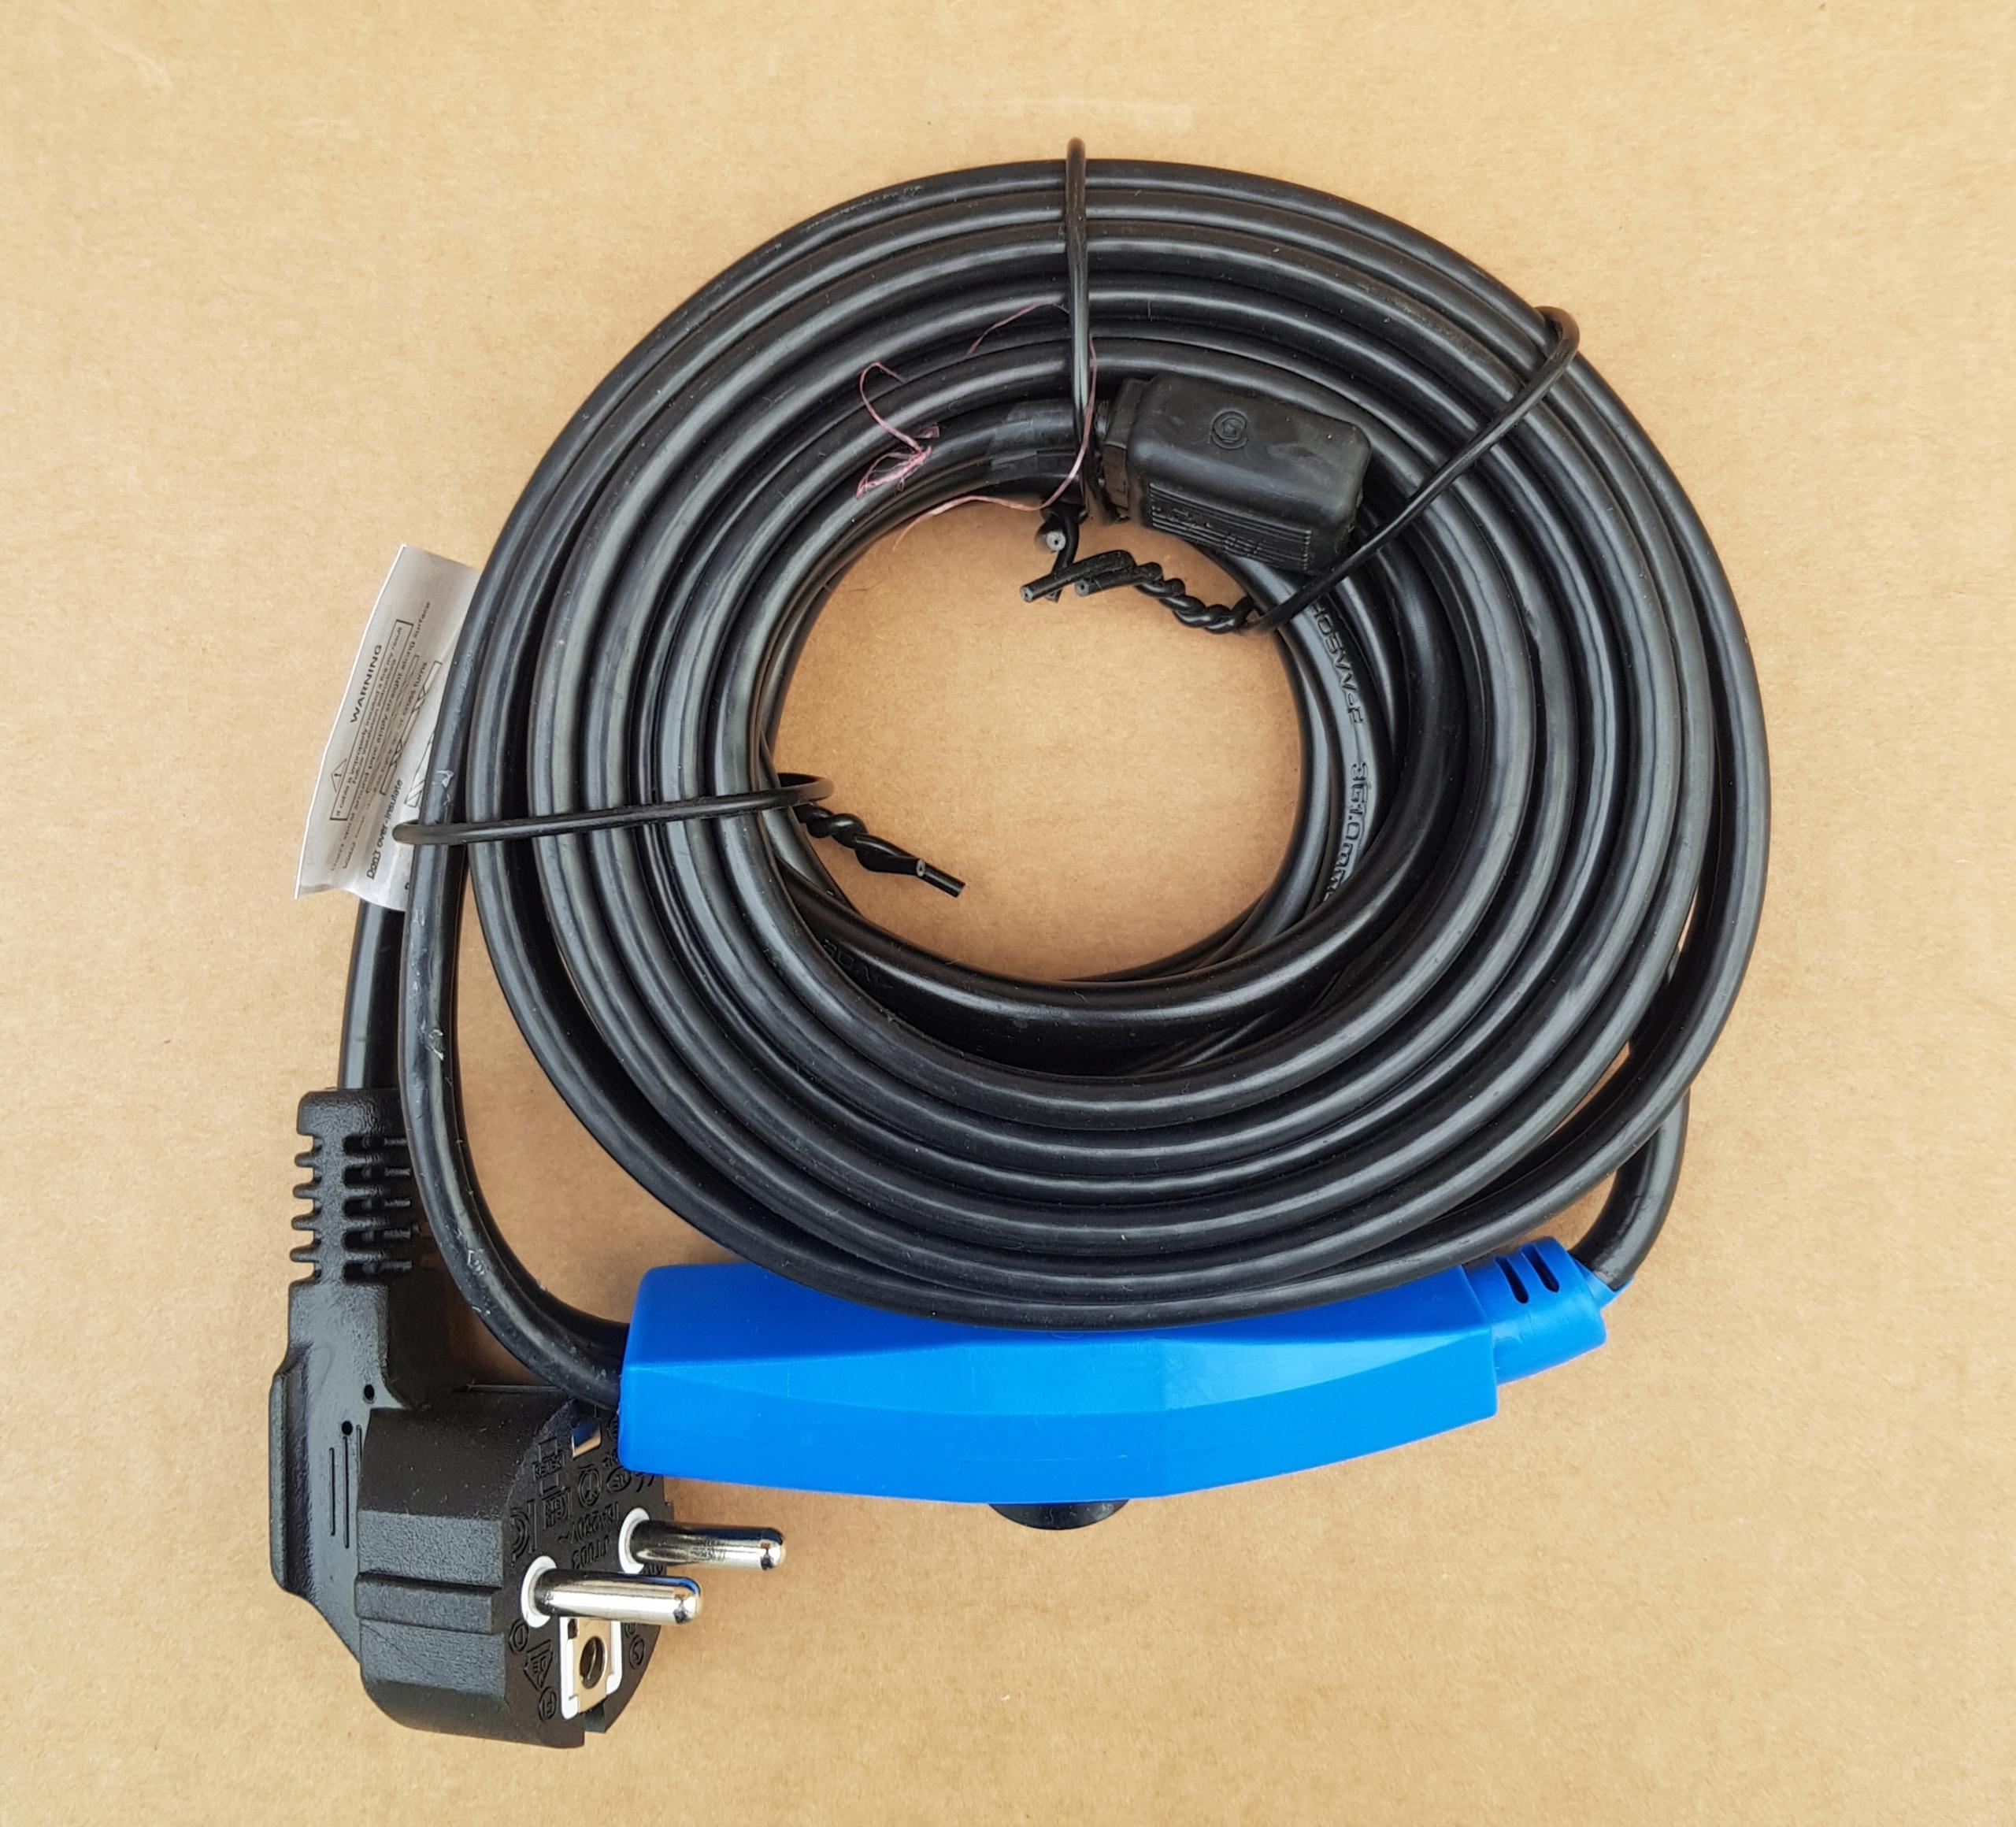 Kabel grzejny 2m 32W Przewód Grzewczy + Taśma 10m